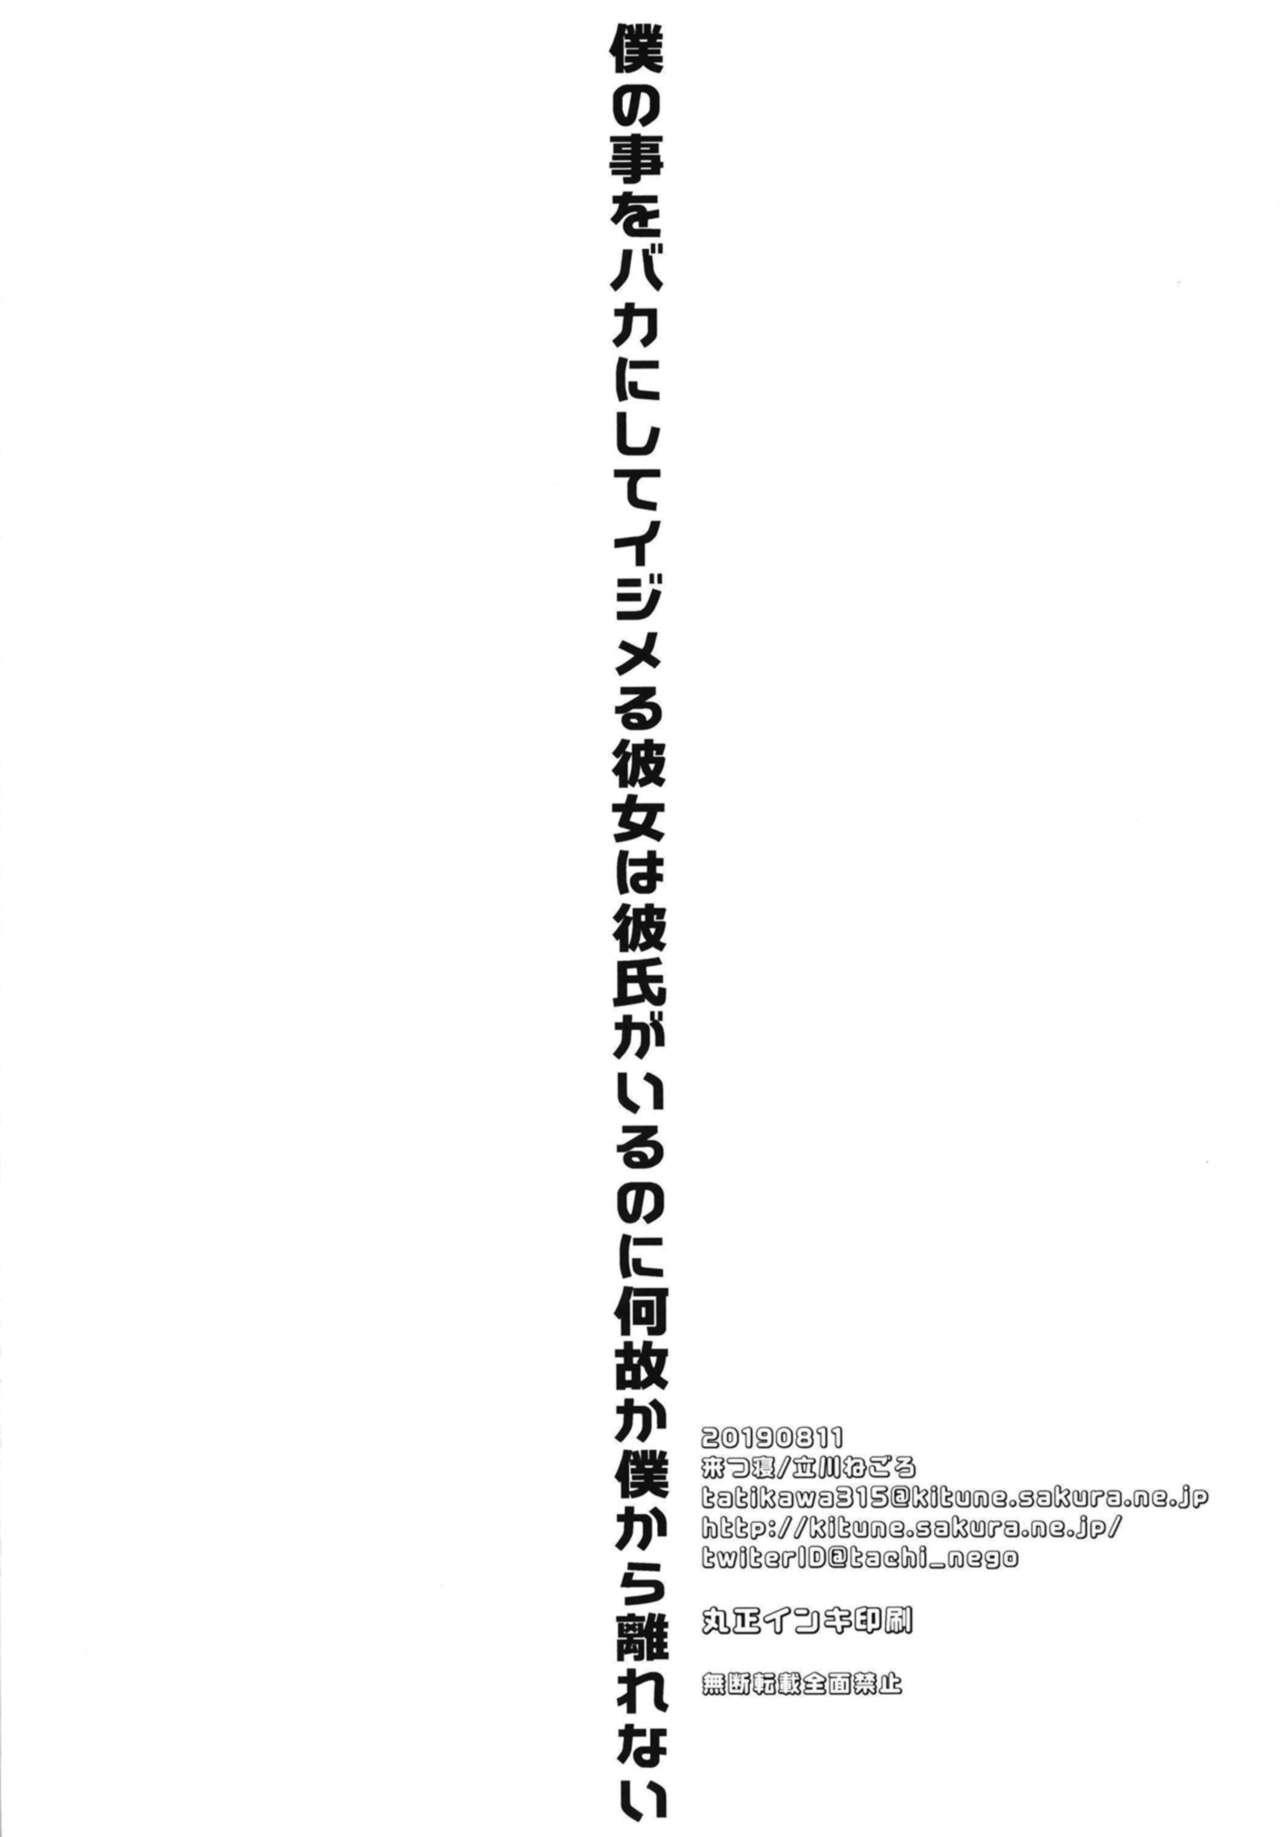 Boku no Koto o Baka ni Shite Ijimeru Kanojo wa Kareshi ga Iru noni Nazeka Boku kara Hanarenai 29